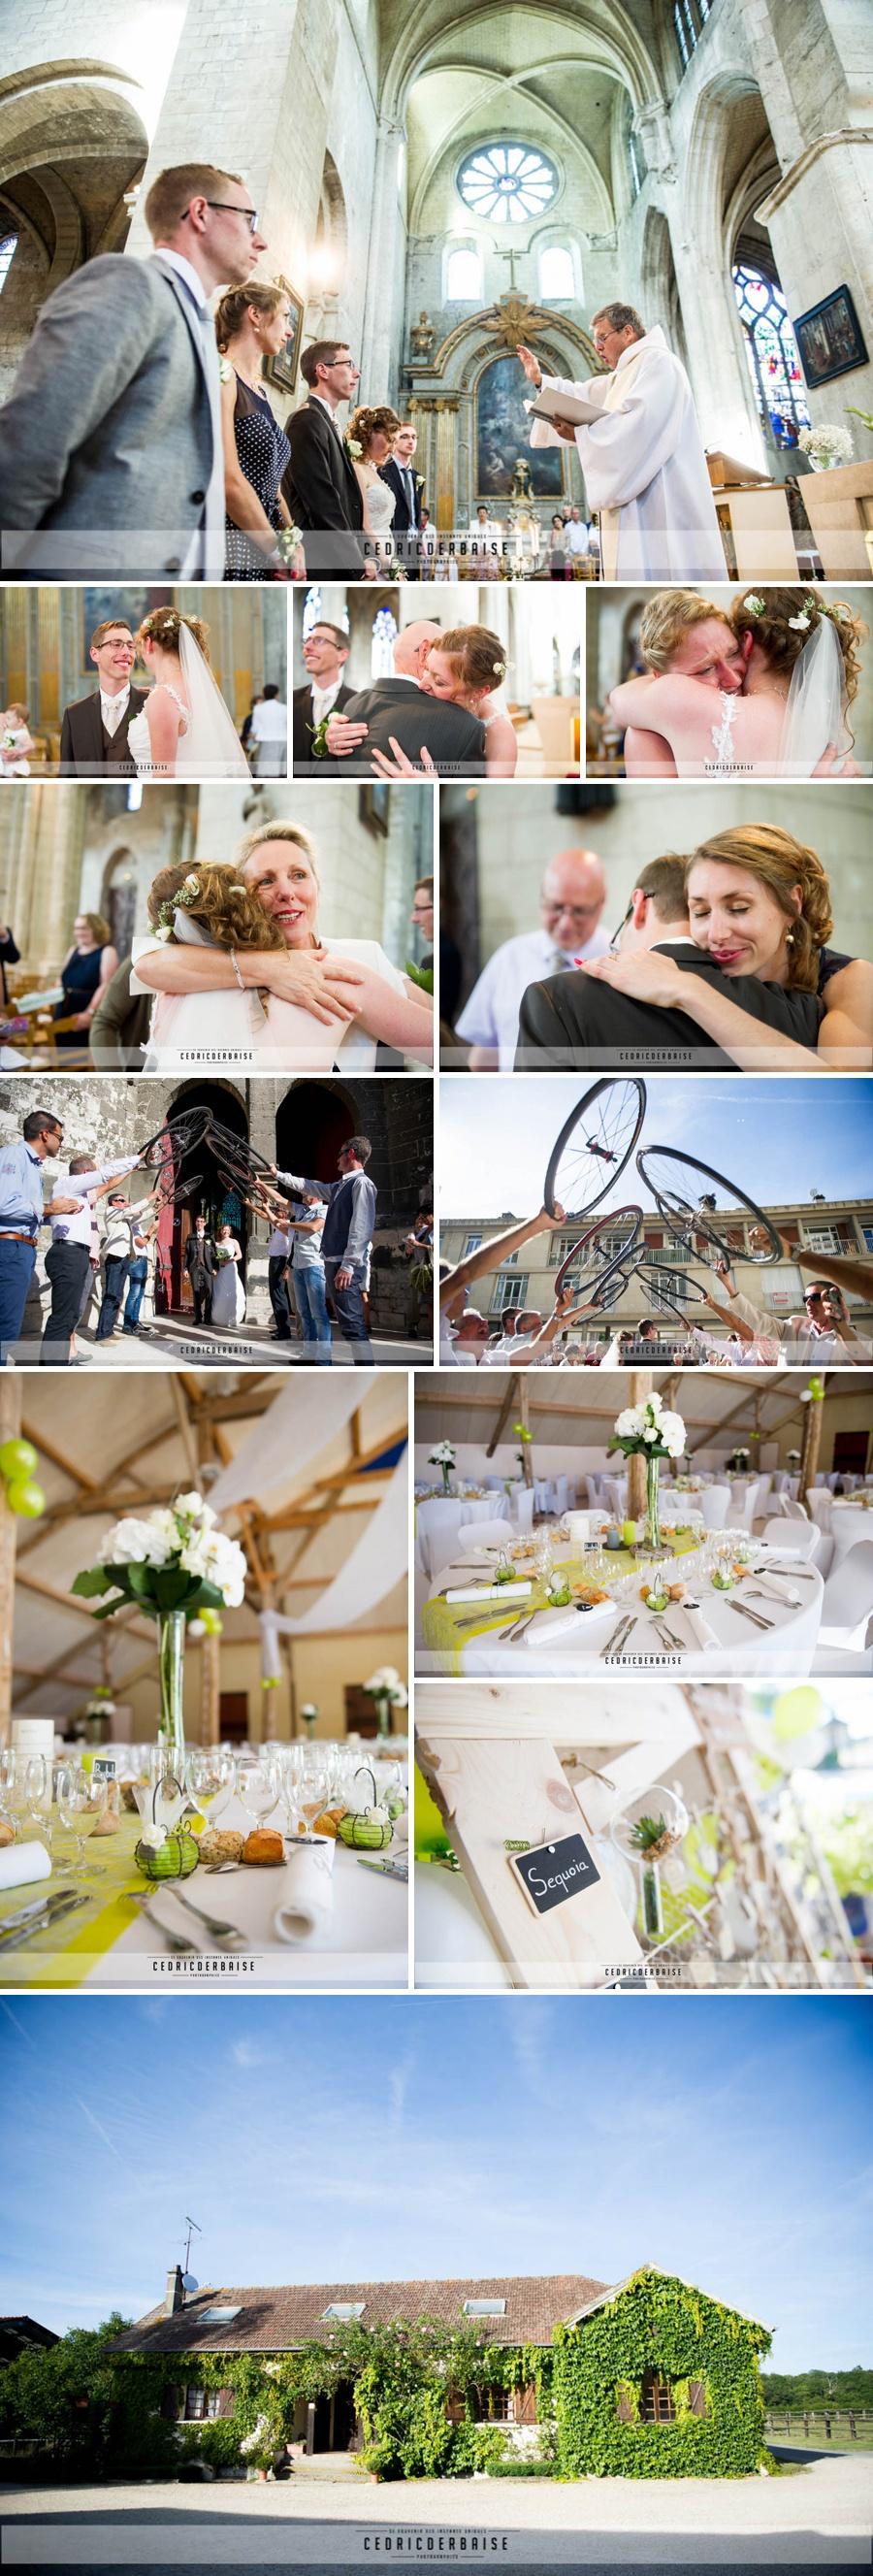 Photographe mariage beauvais Picardie-Oise-ceremonie-religieuse-eglise-saint-etienne-beauvais-berneuilenbray-haras-du-bois-dargile